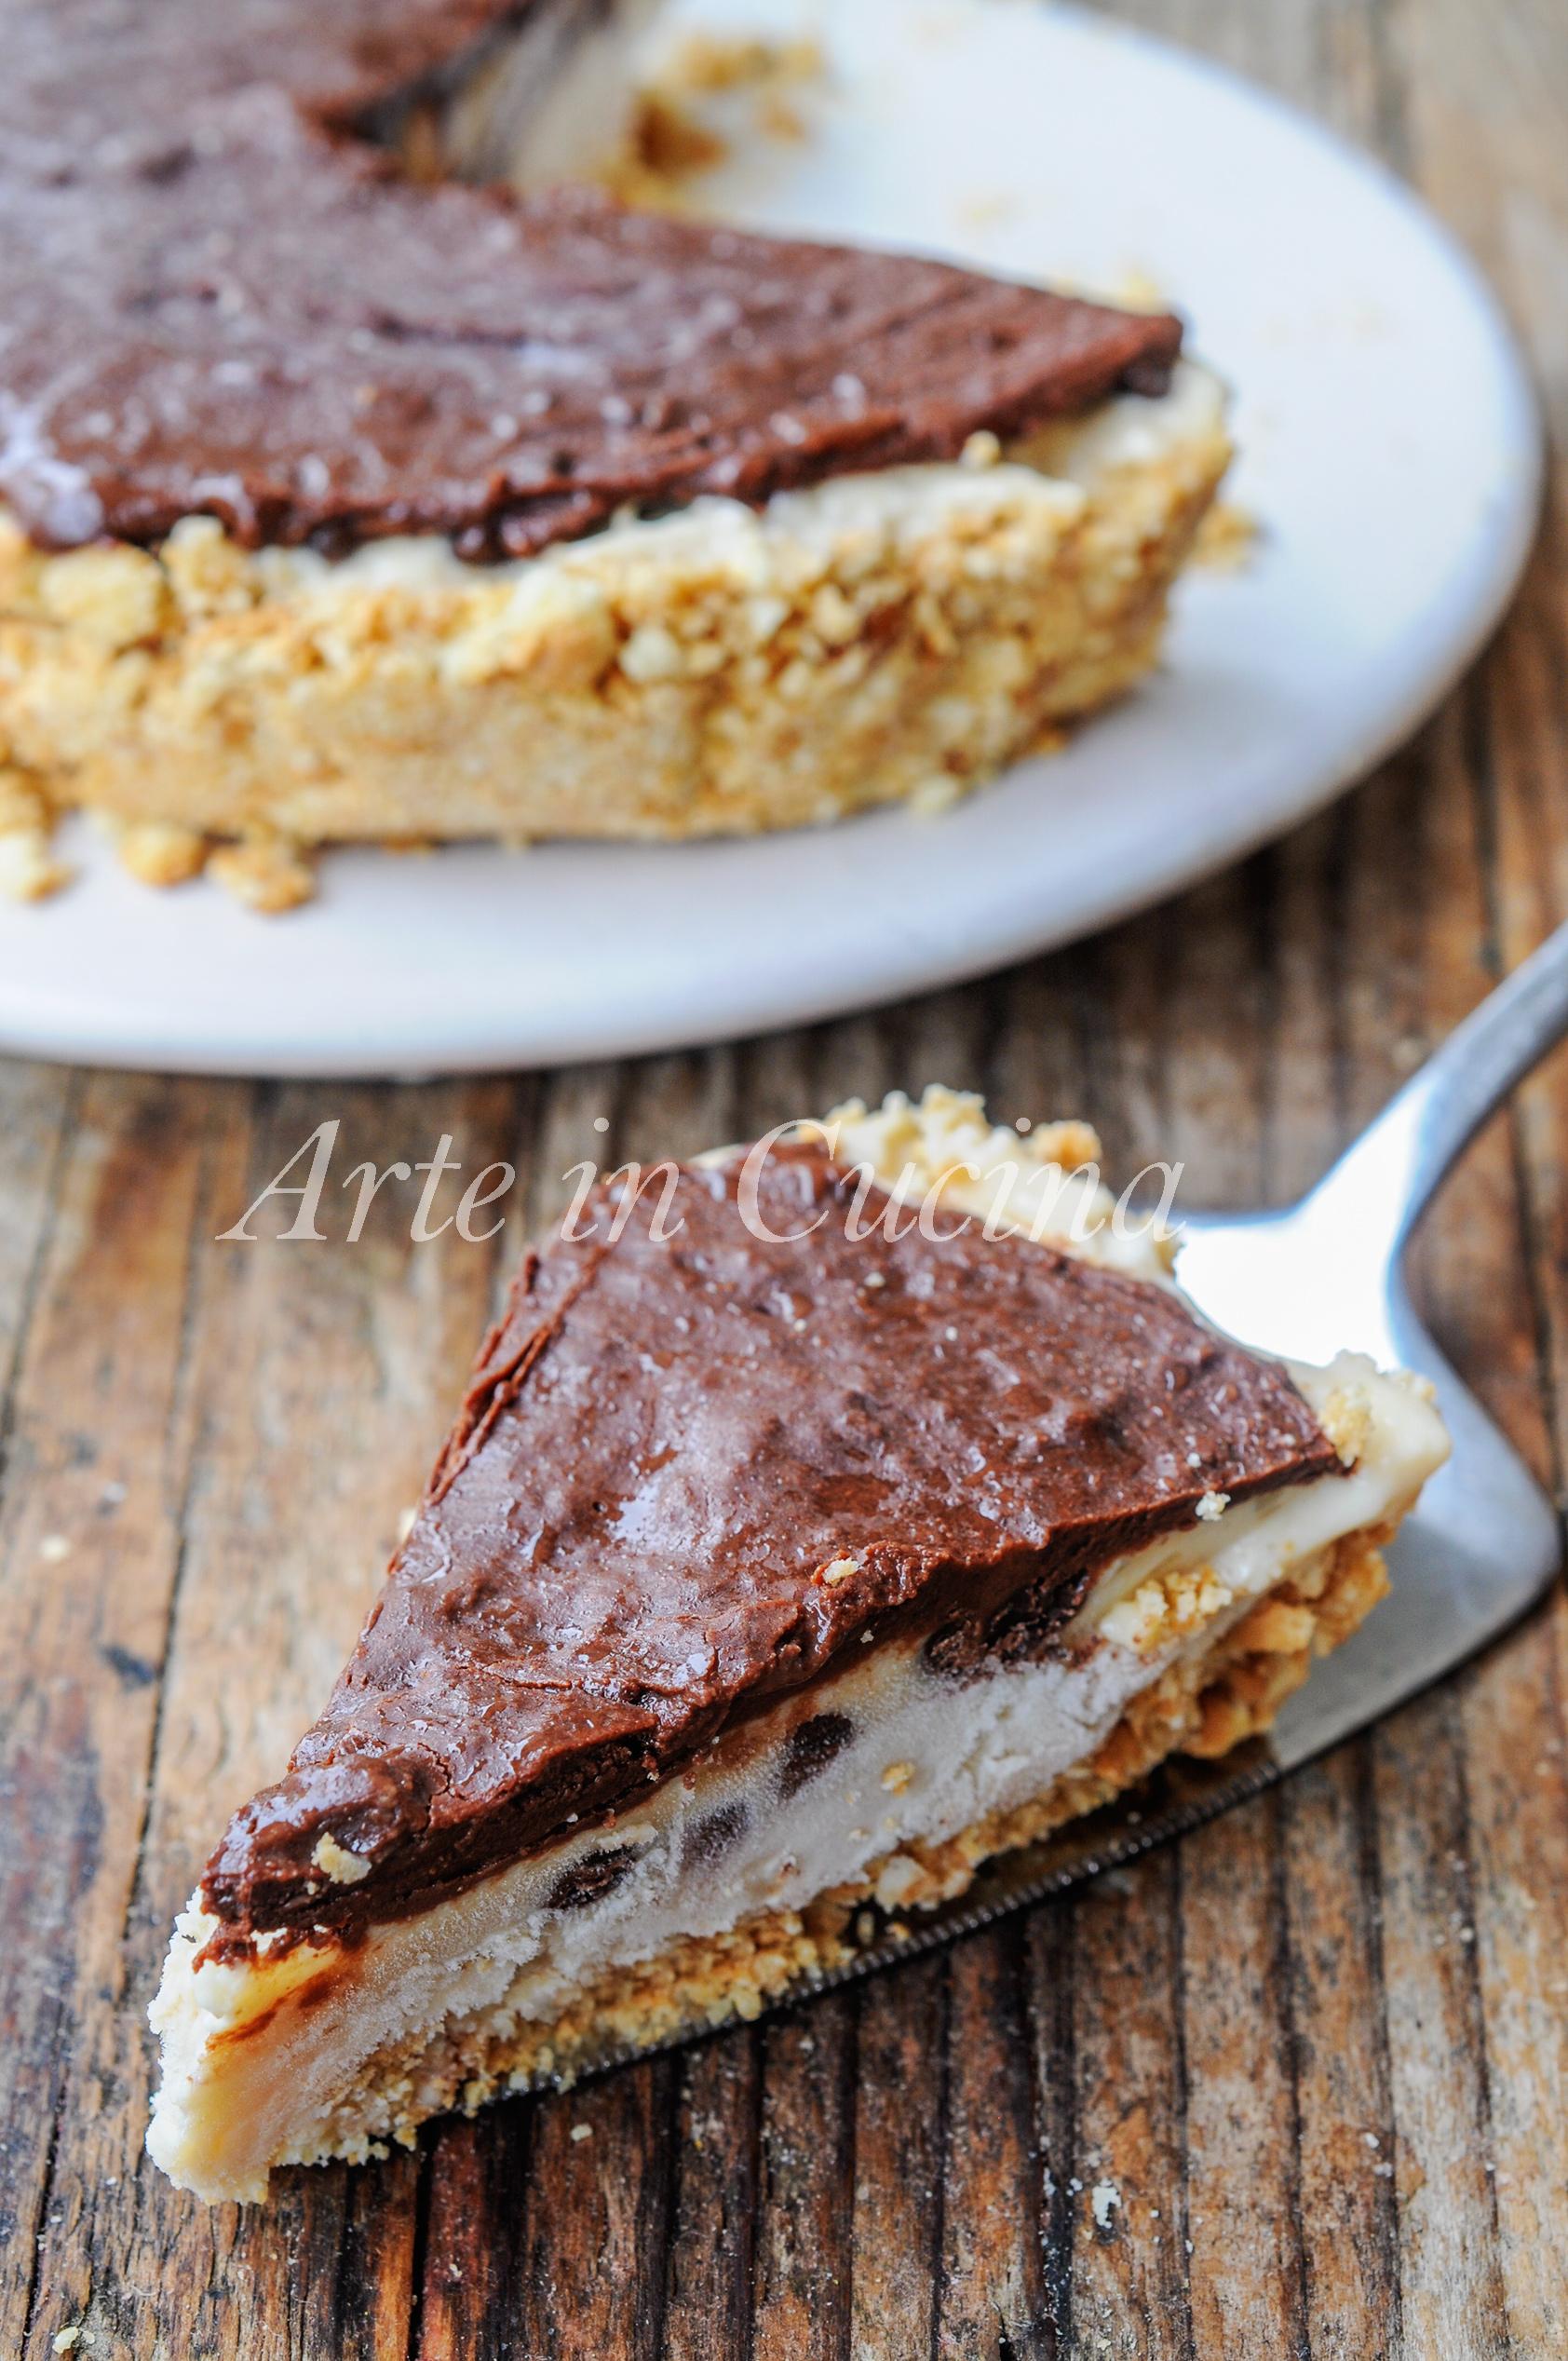 Crostata di biscotti con crema al latte e caffè vickyart arte in cucina